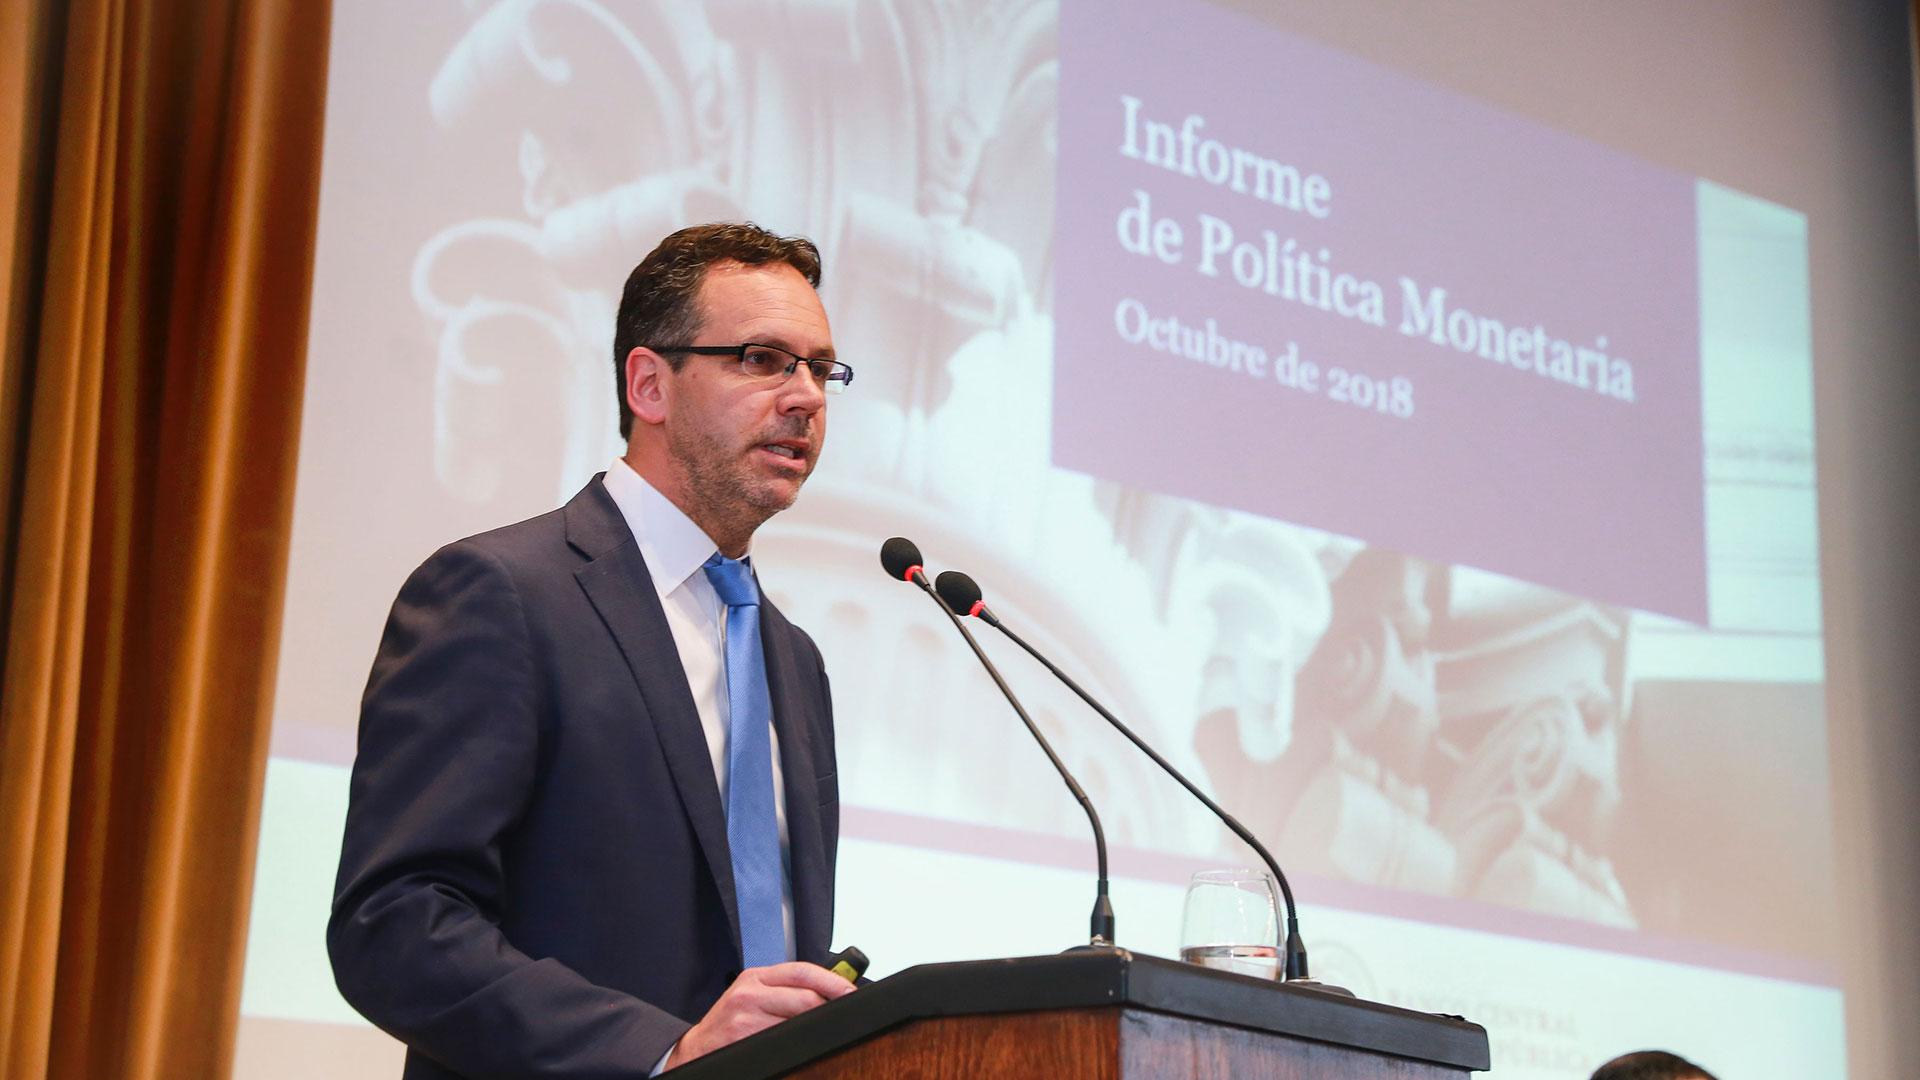 El presidente del BCRA, Guido Sandleris